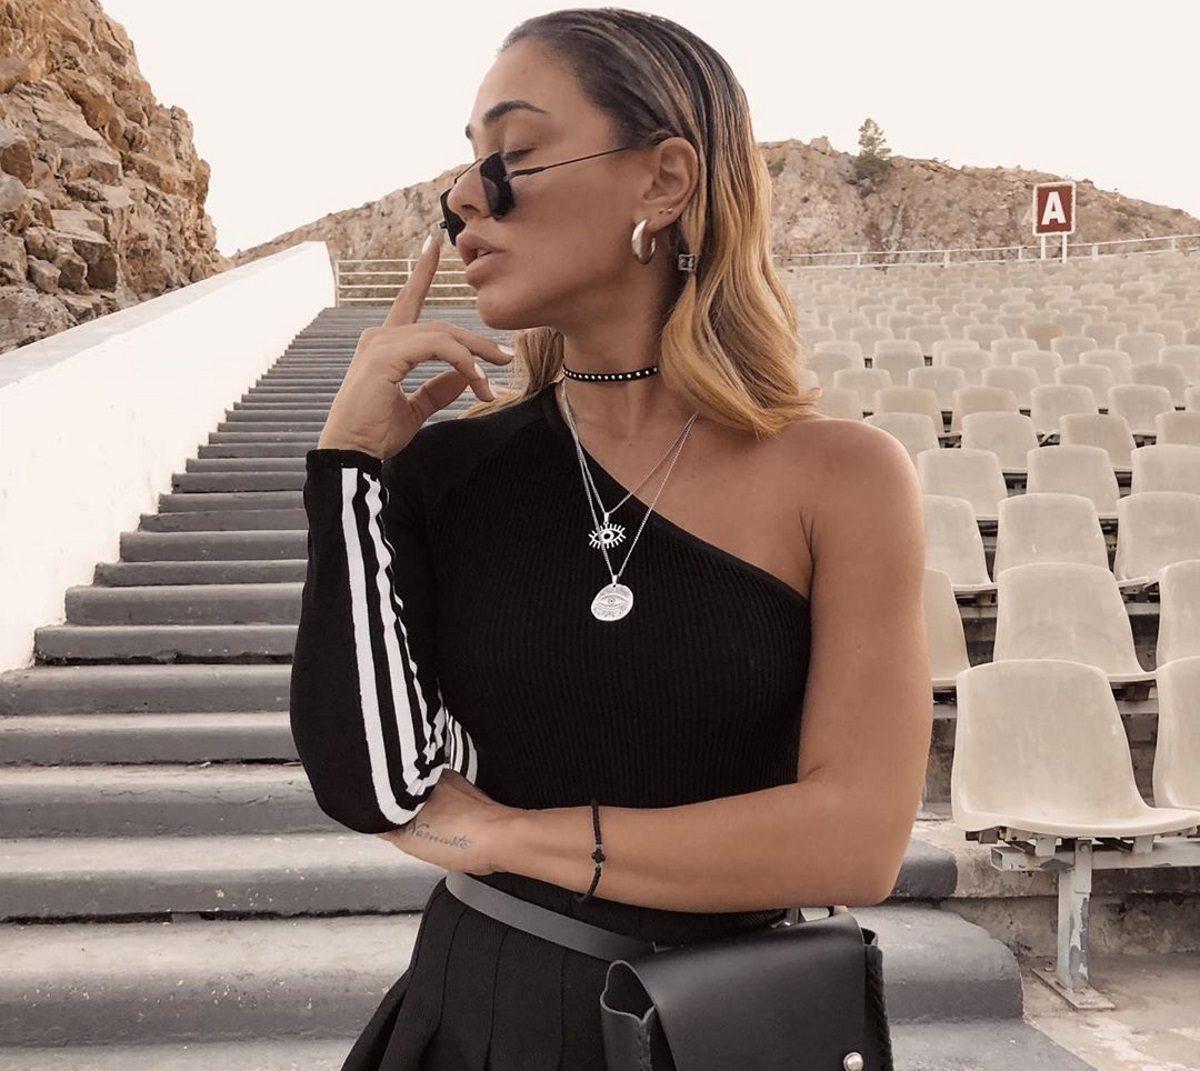 Κόνι Μεταξά: Το απίστευτο κορμί που έφτιαξε με σκληρές προπονήσεις και ο νέος έρωτας στη ζωή της [pics,vids] | tlife.gr